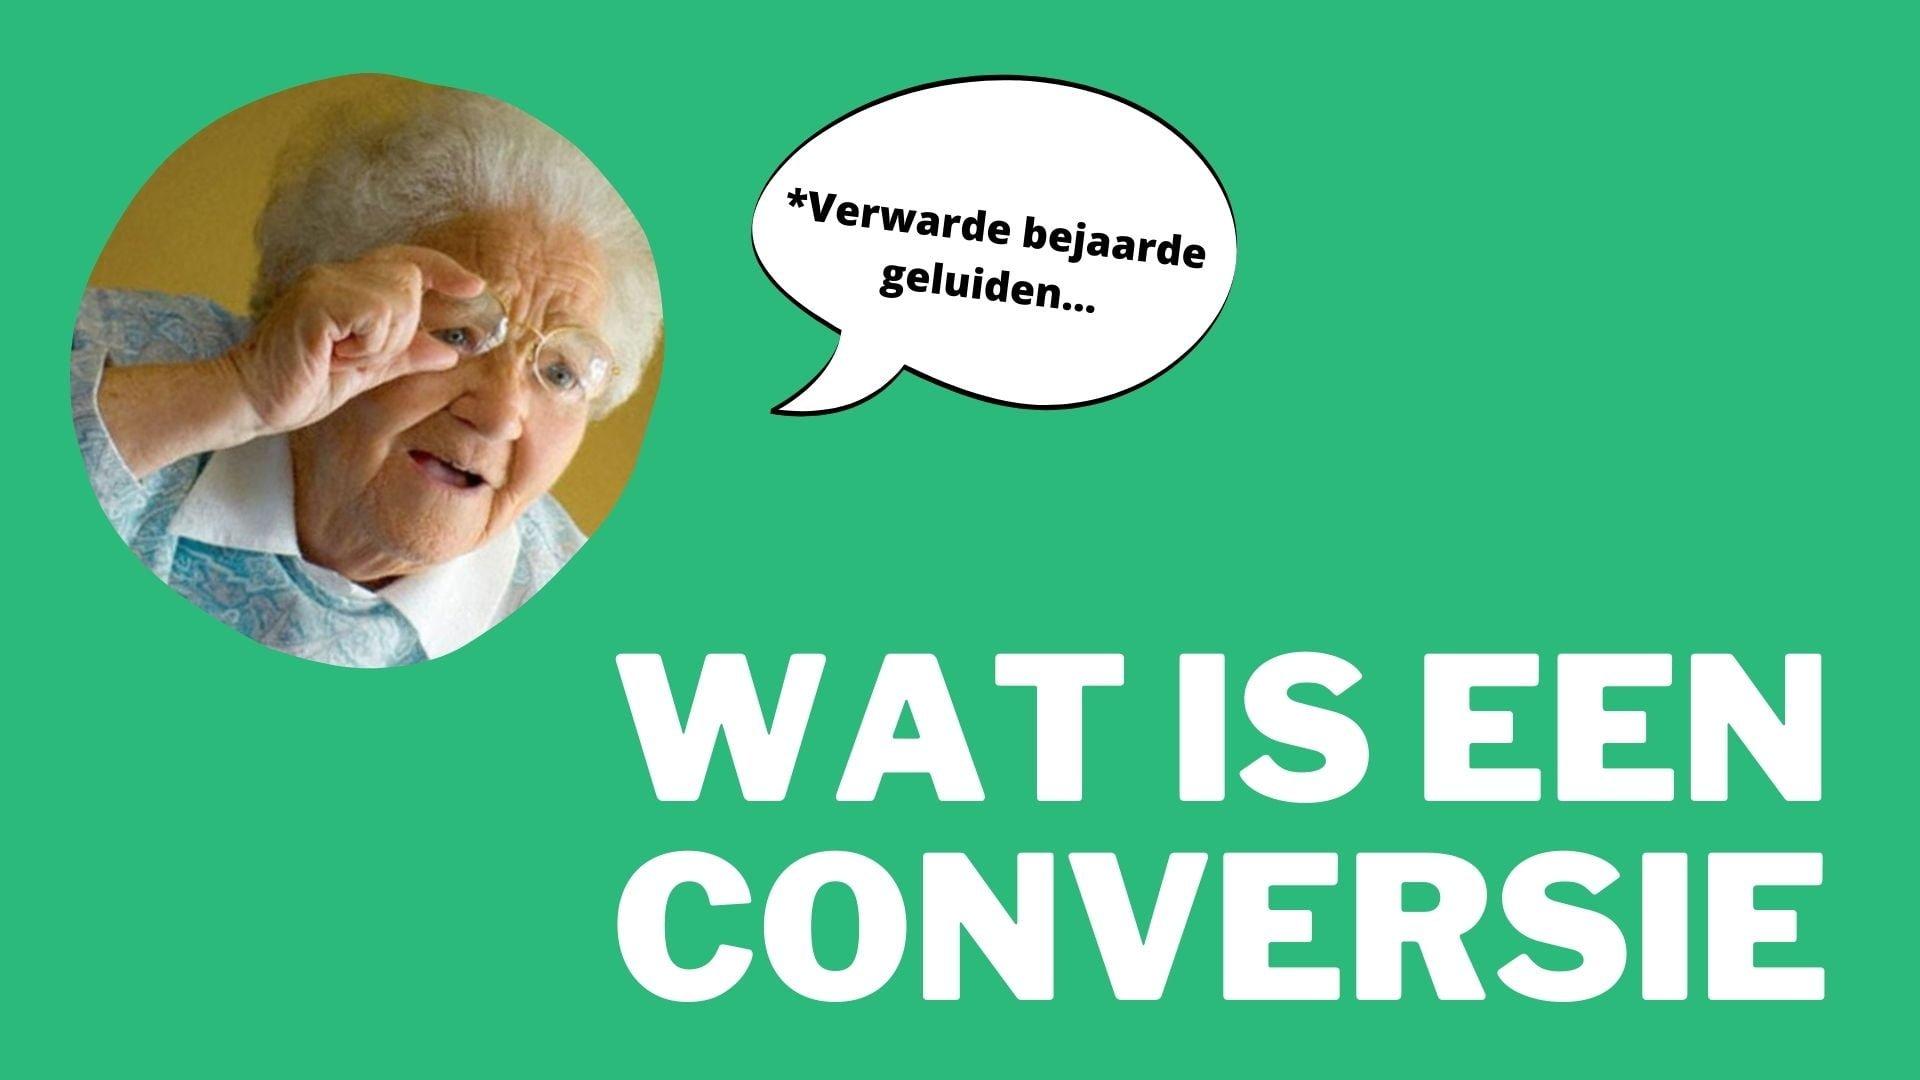 Wat is een conversie